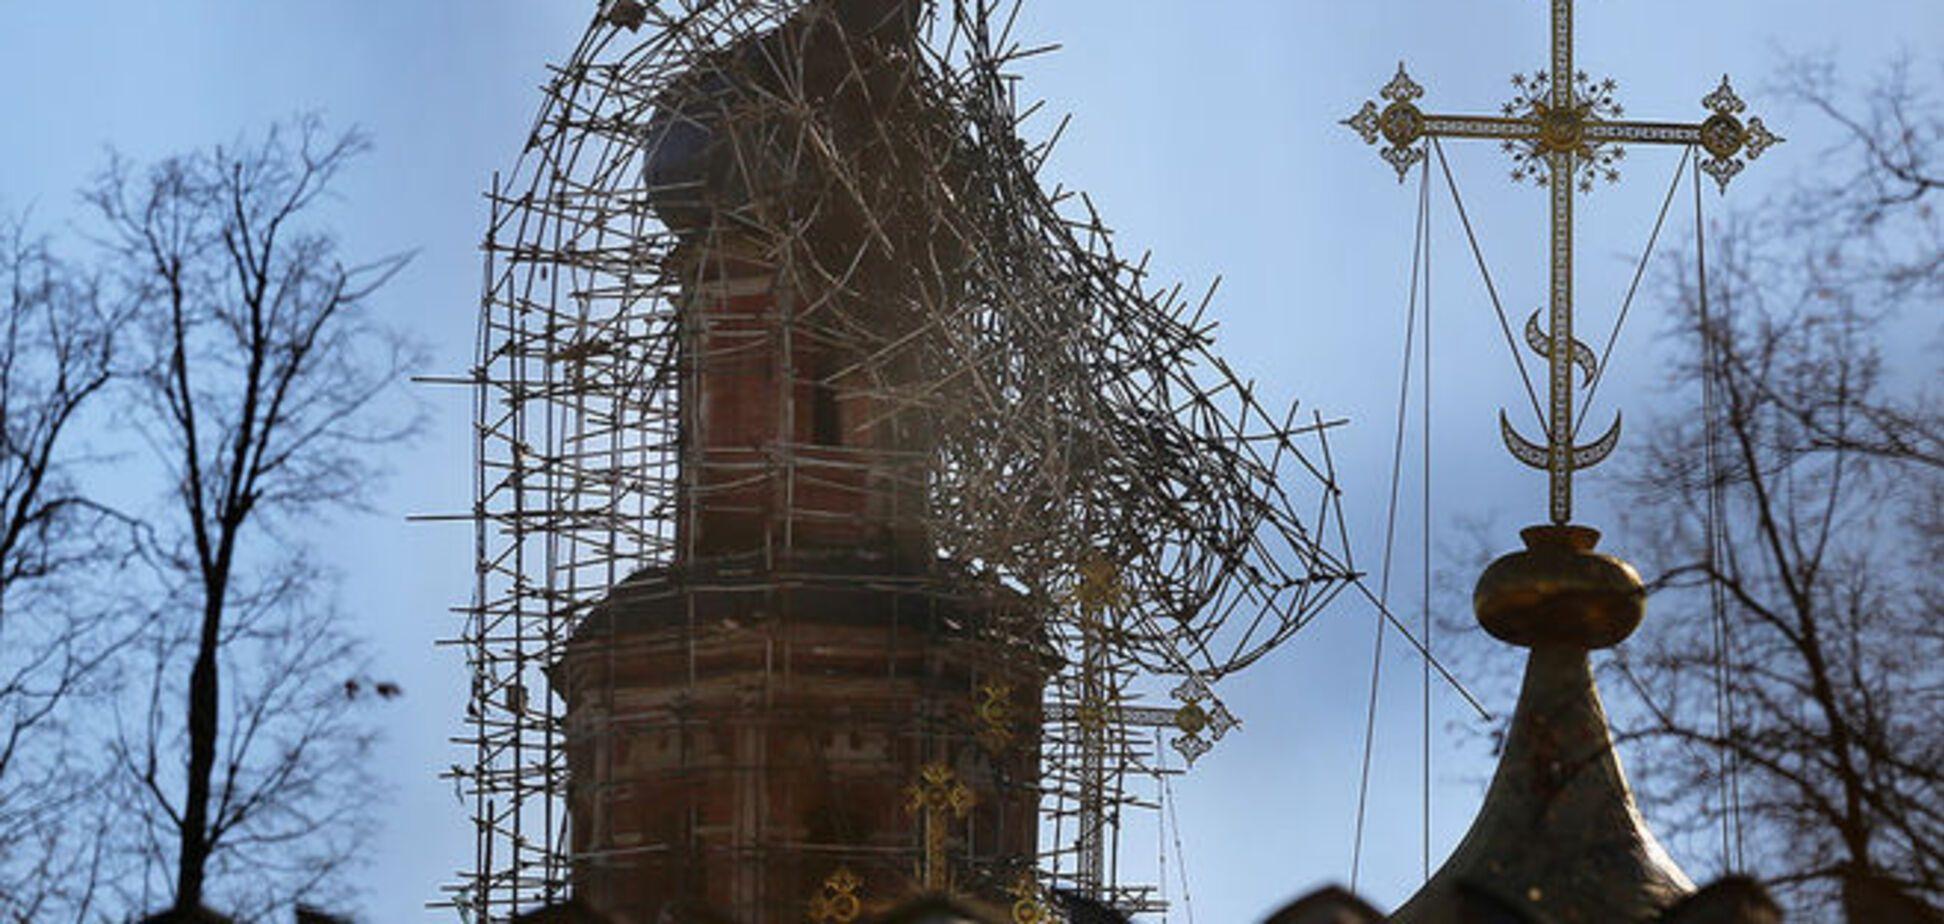 Опубликованы фото Новодевичьего монастыря после пожара